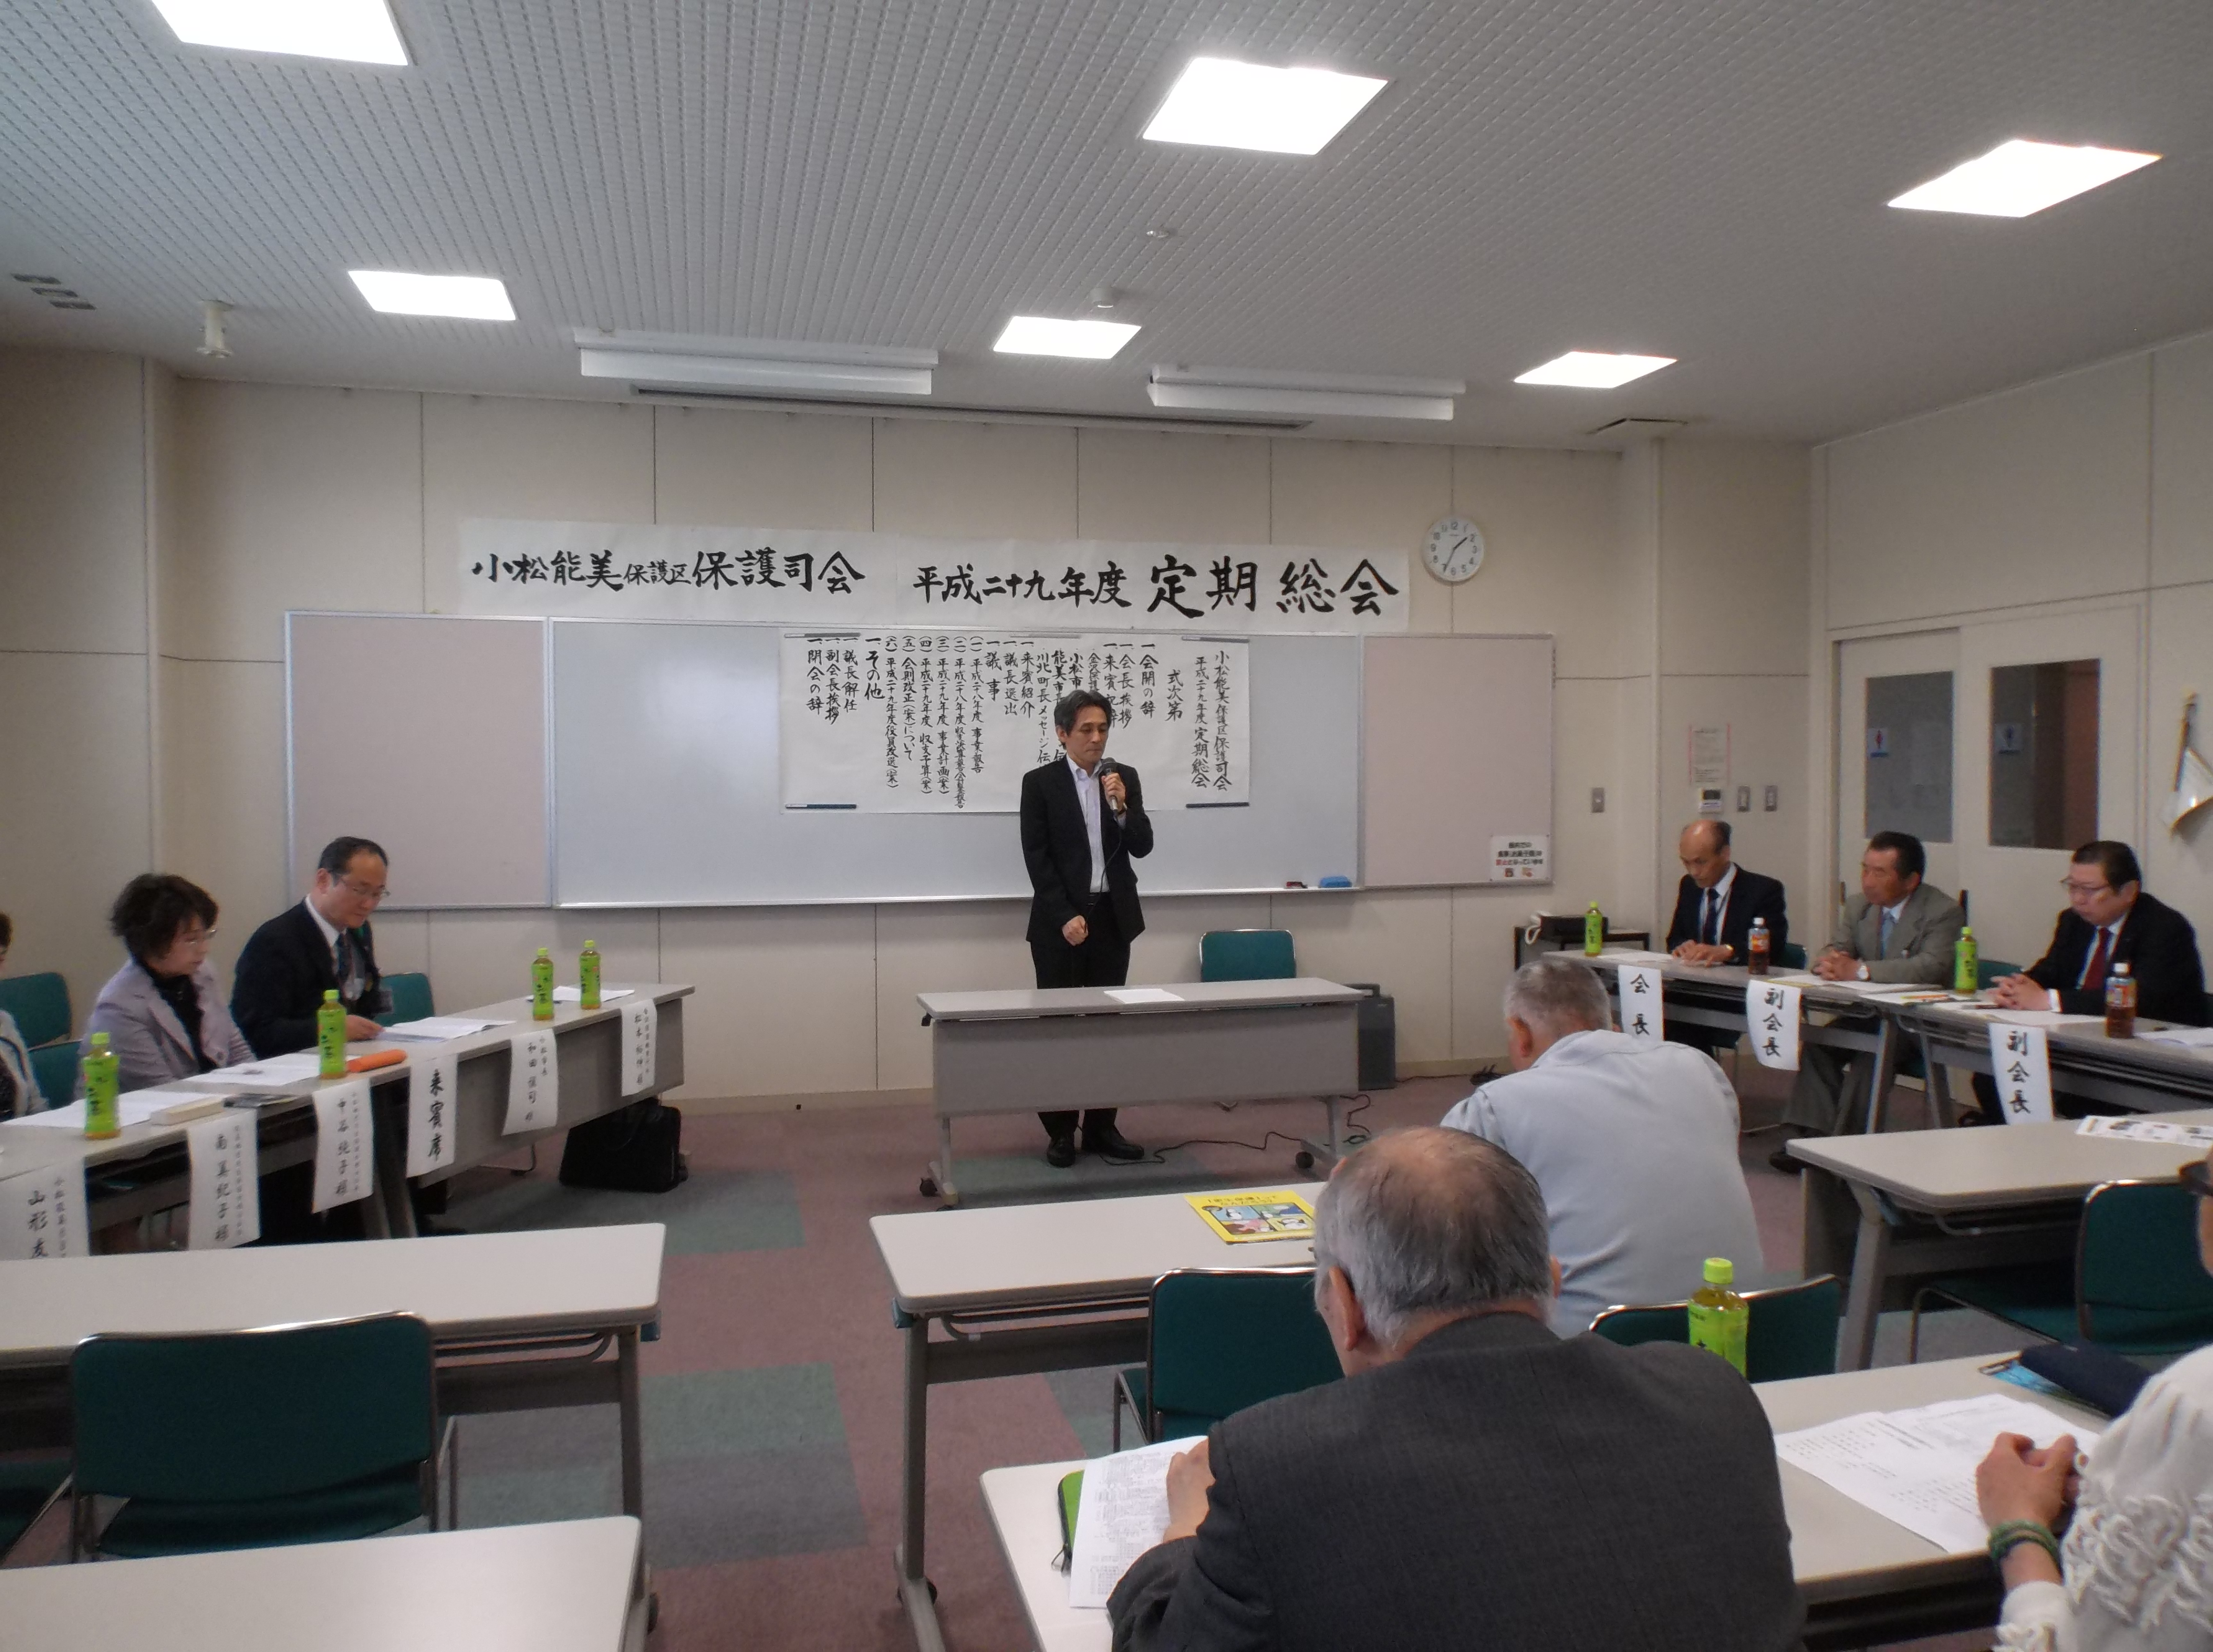 小松能美保護司会総会金沢保護観察所長挨拶